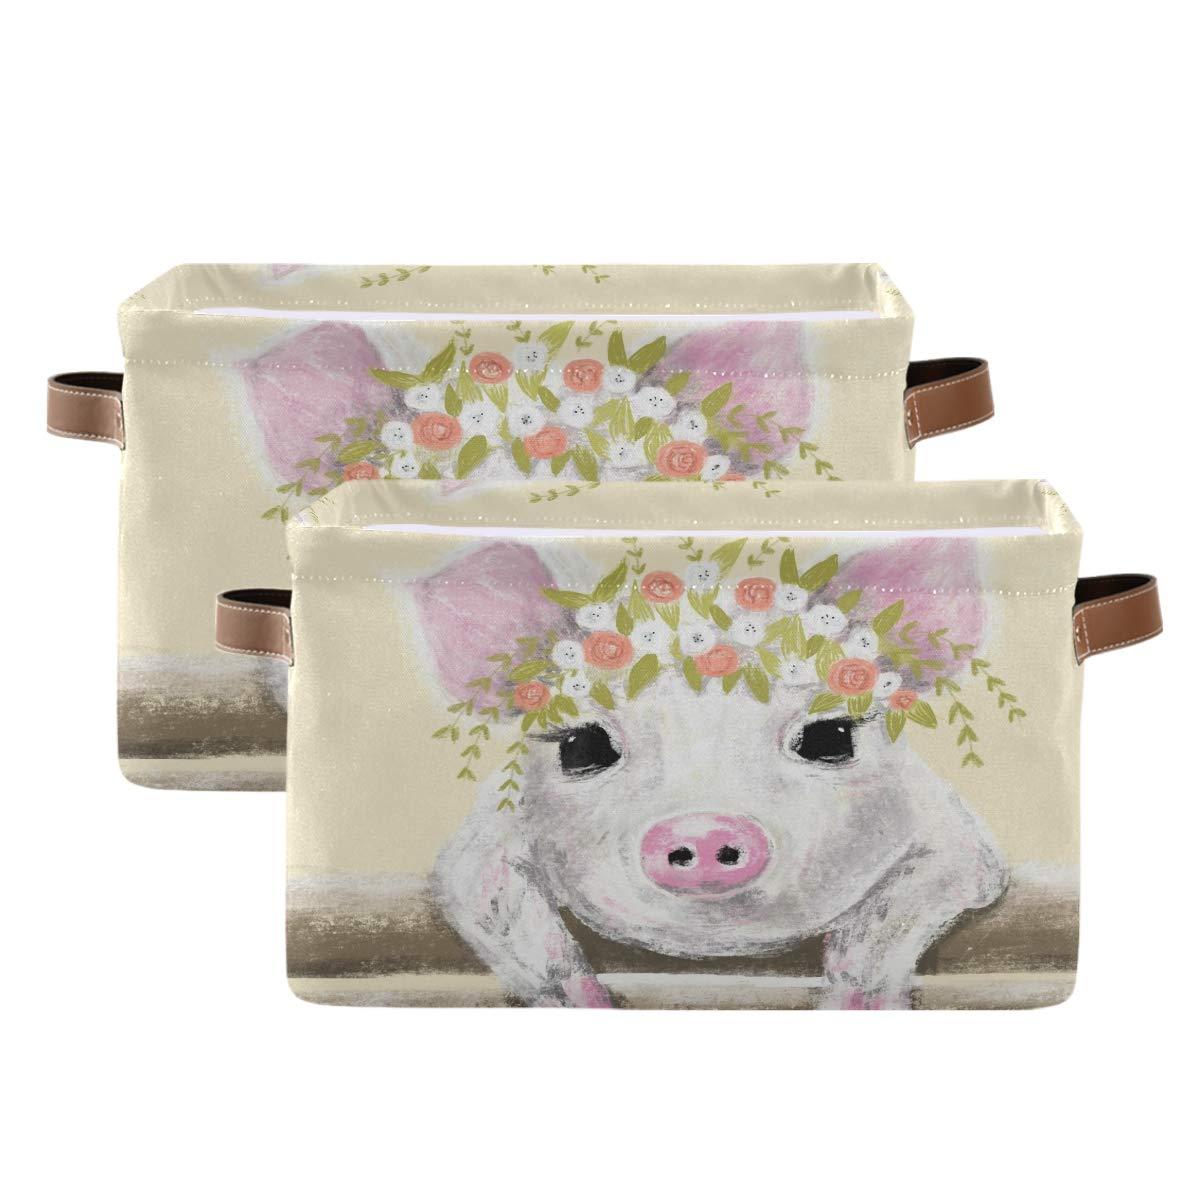 WXLIFE Storage Max 82% OFF Basket Cheap bargain Bins Art Large Painting Pig Animal